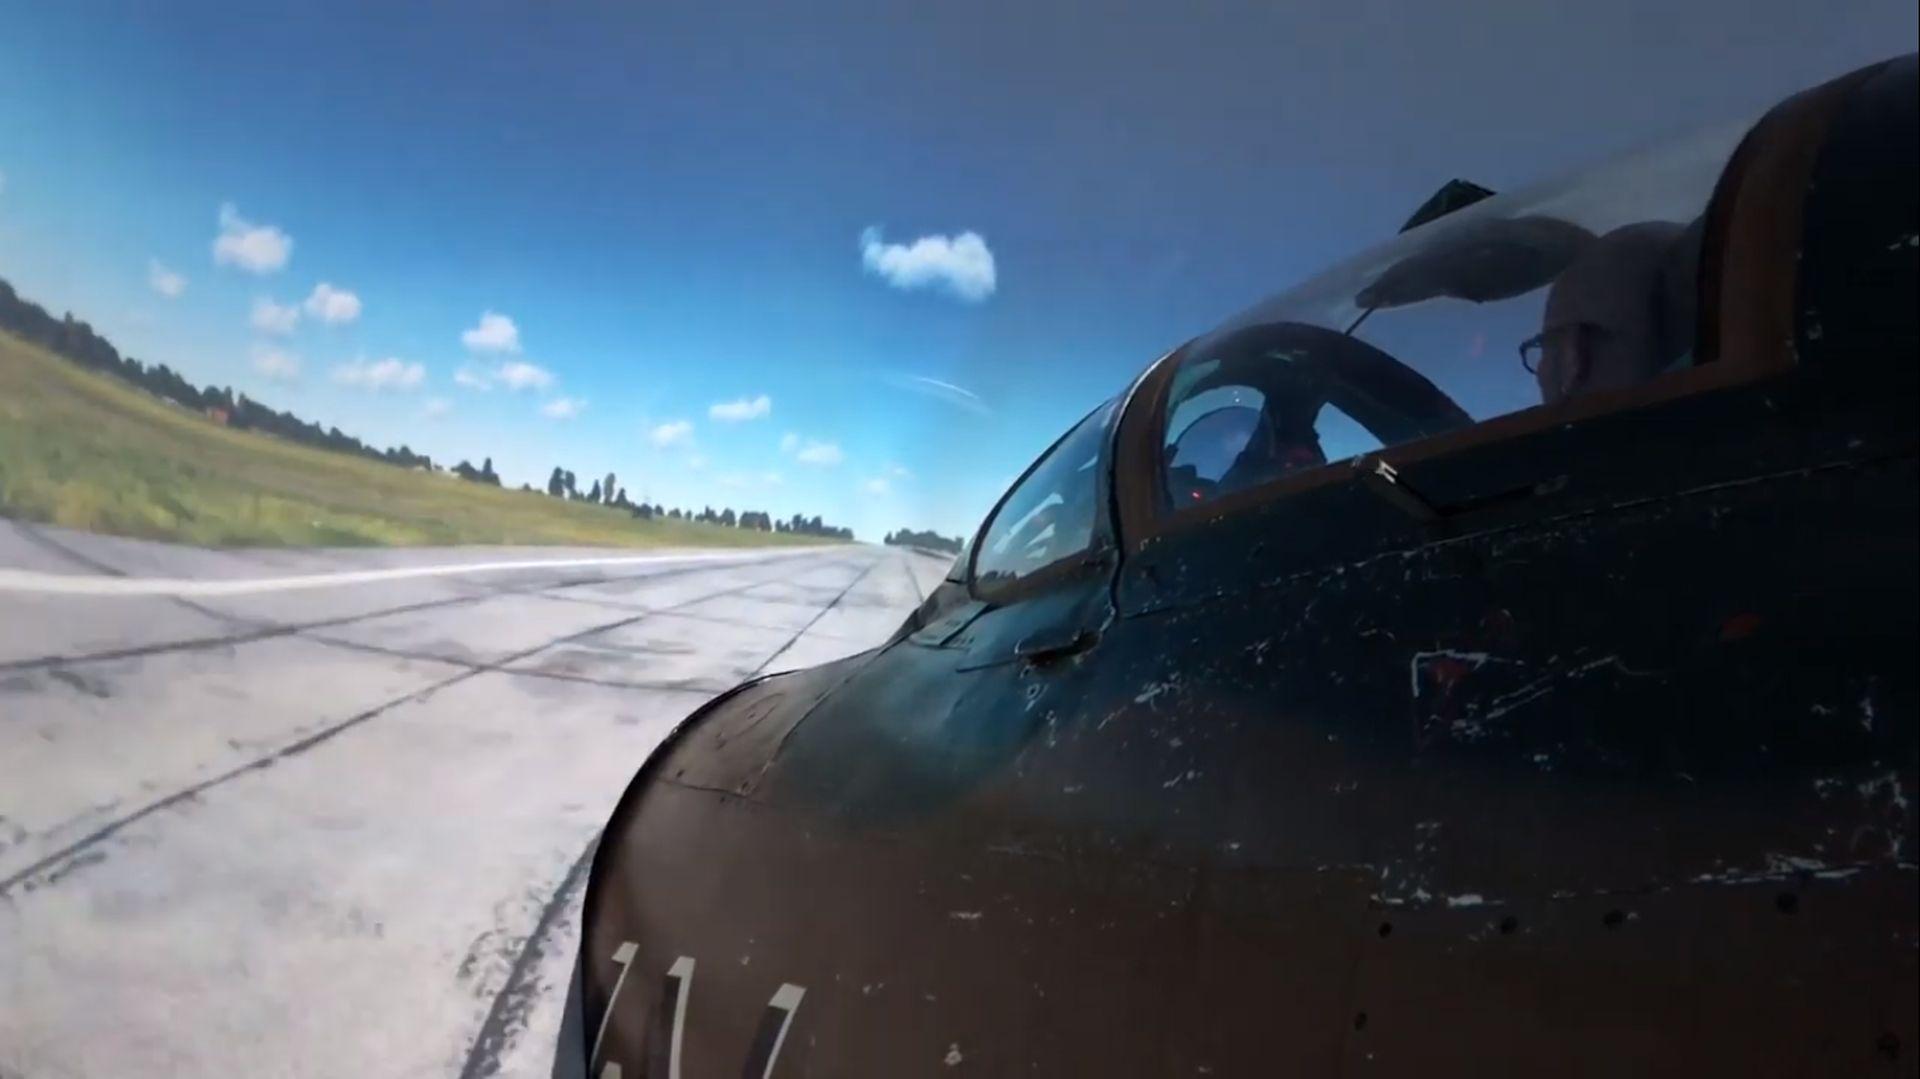 Pohled na simulátor Mig-21MF ve Vratislavicích nad Nisou. Foto: Petr Bílý / youtube.com